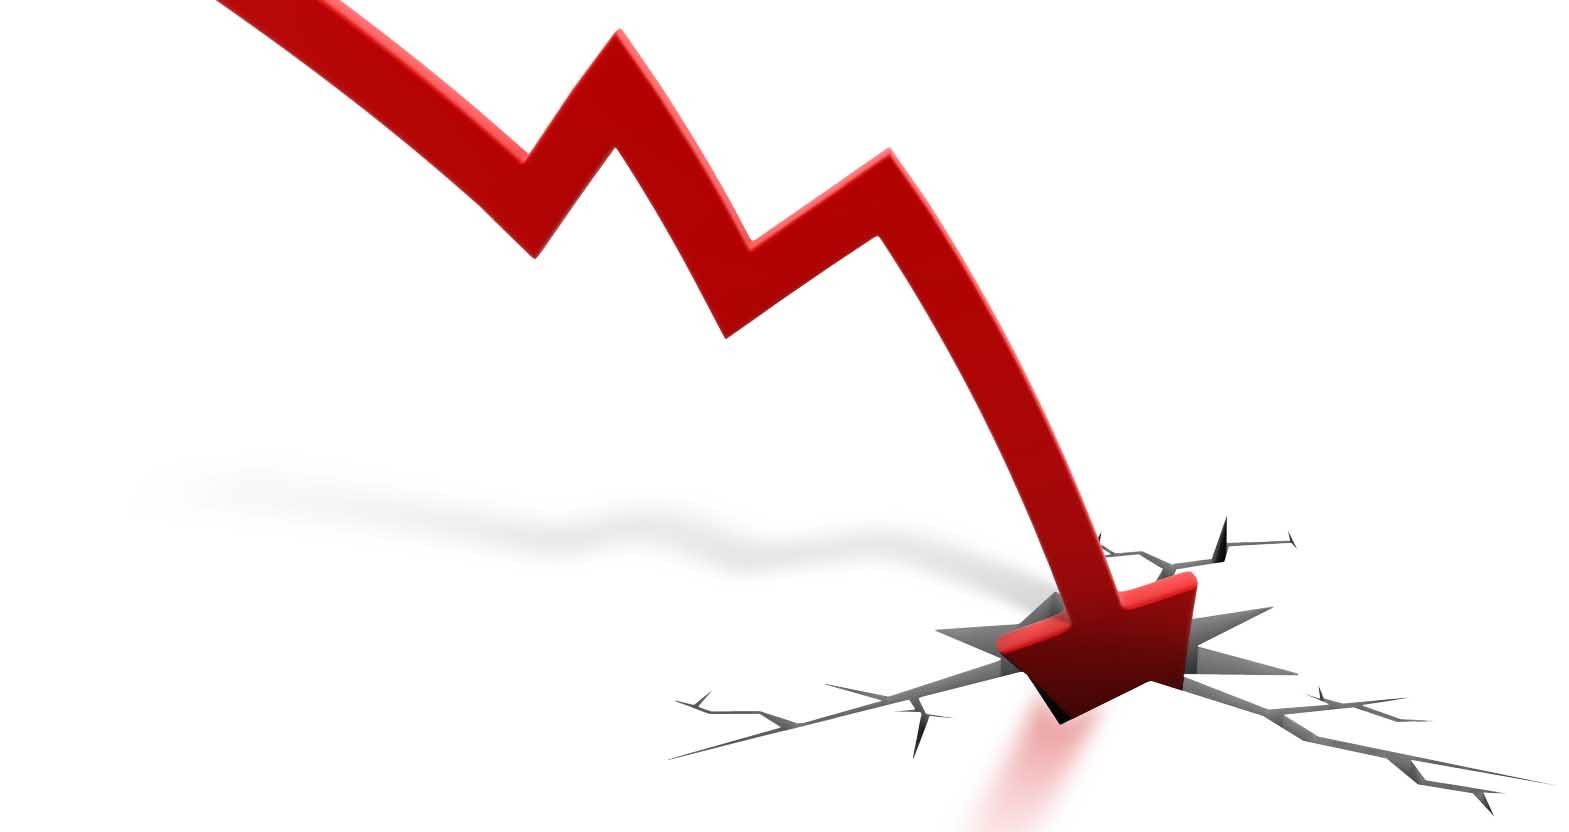 rallenta il manifatturiero economia dell'emilia romagna centro studi confindustria industria in veneto